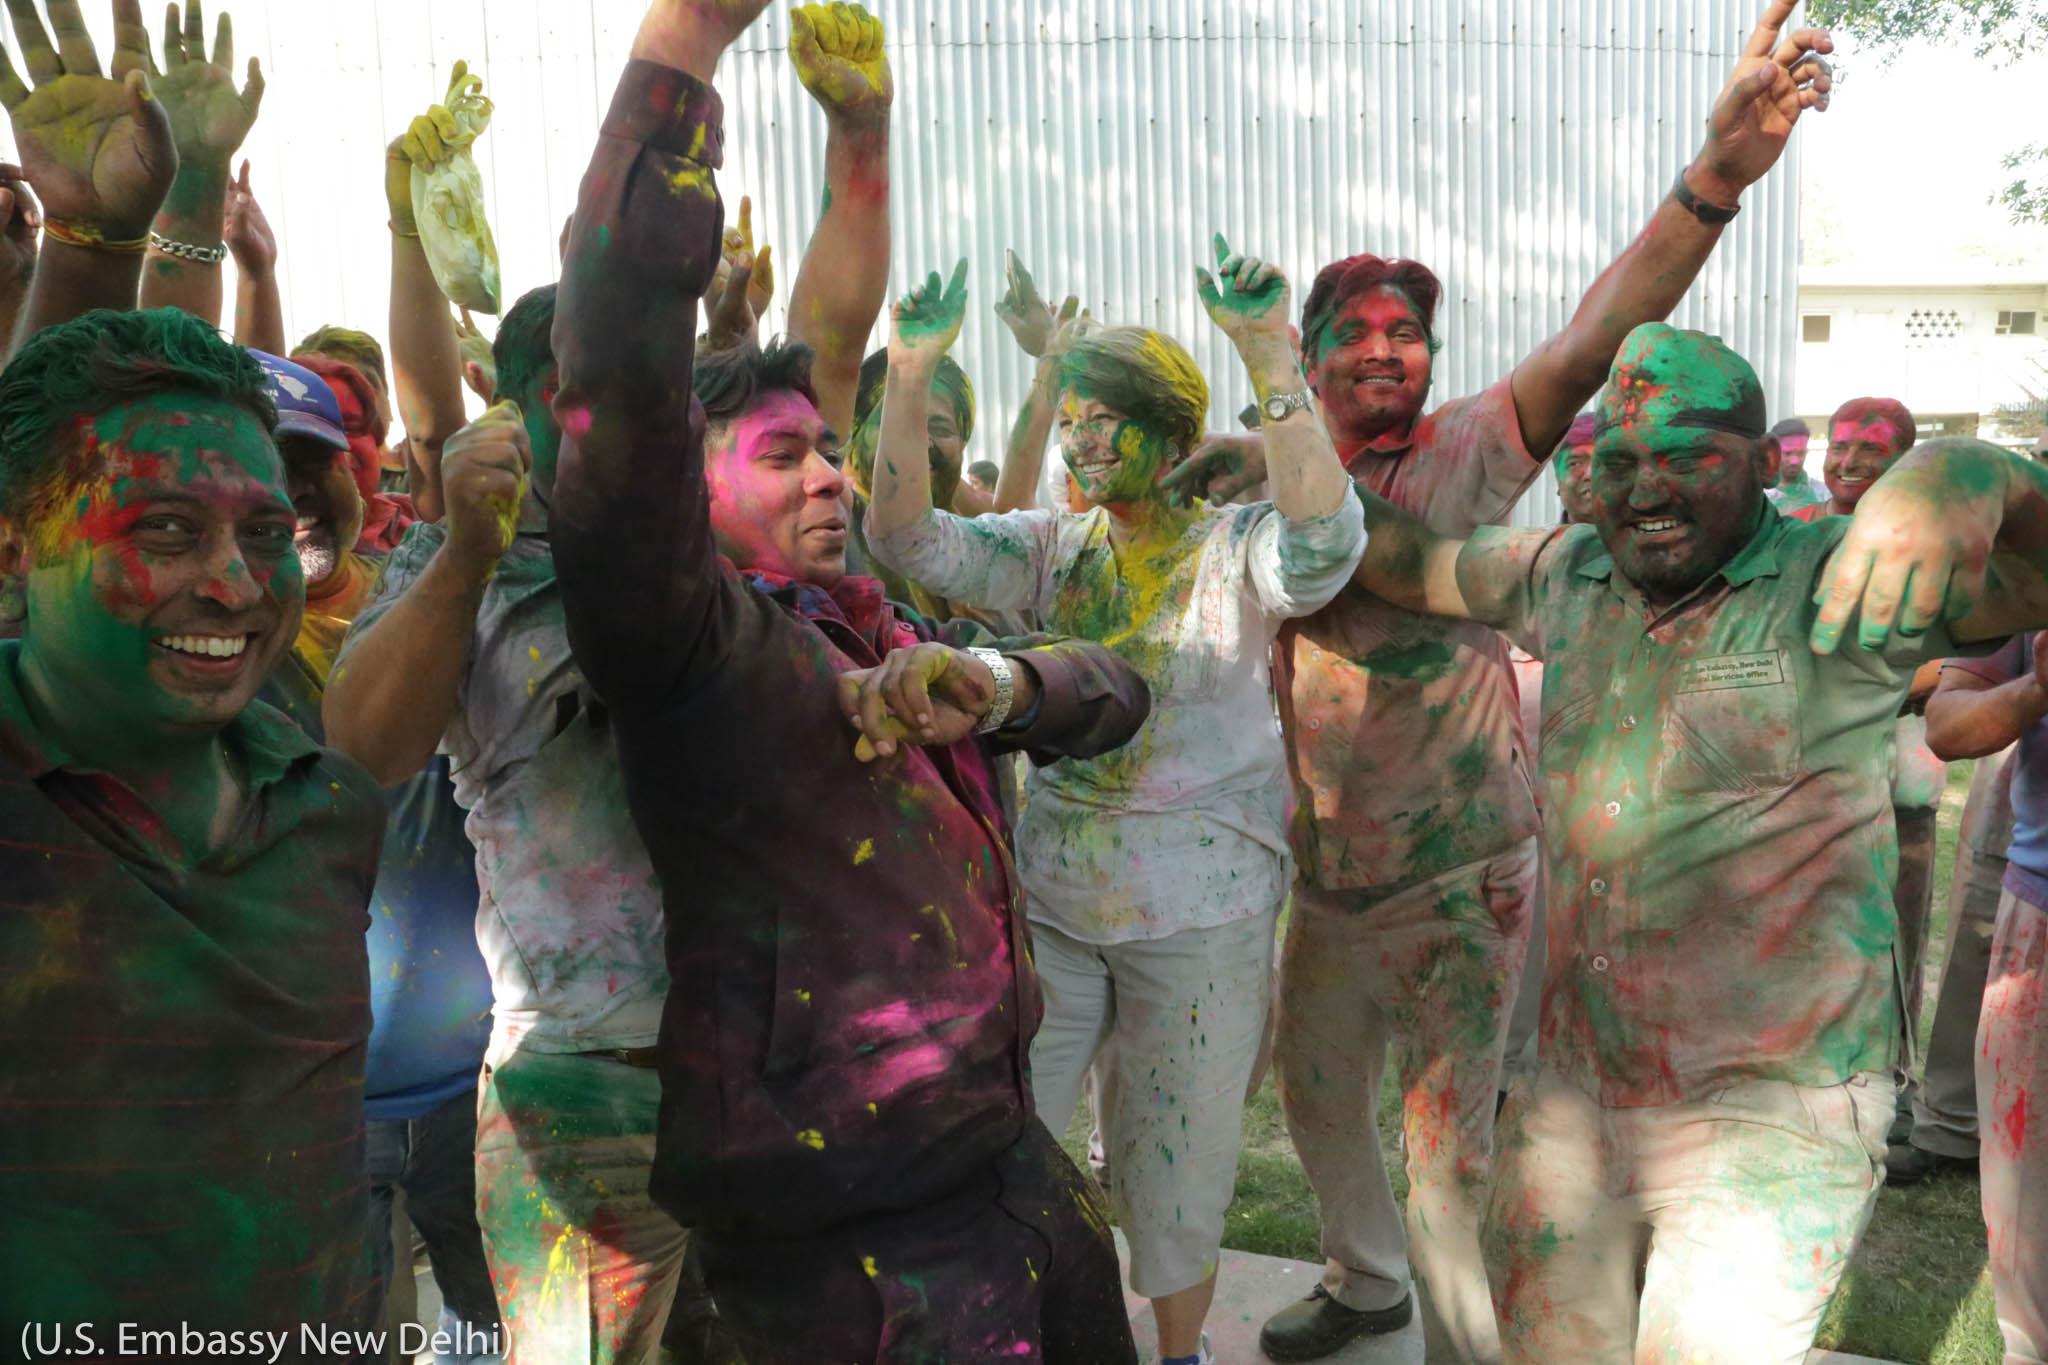 ہولی کے موقع پر رقص کرتے ہوئے مختلف رنگوں میں رنگے لوگ۔ (U.S. Embassy New Delhi)